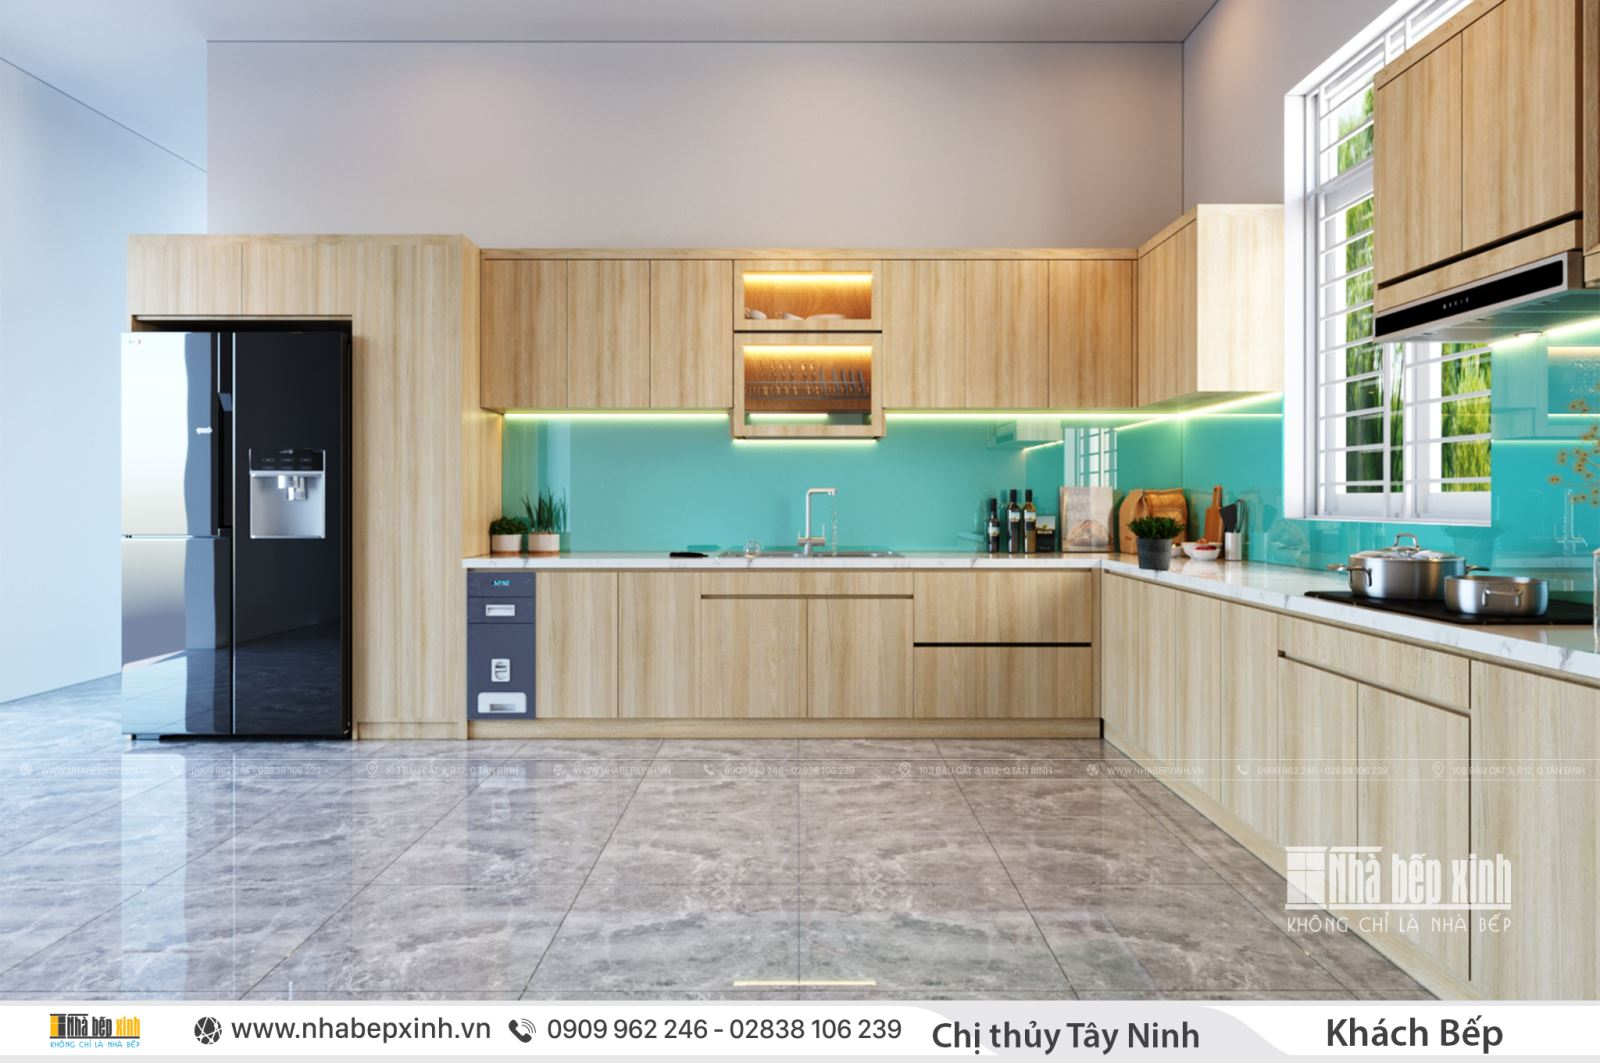 Các mẫu thiết kế nội thất đẹp hiện đai cho ngôi nhà _ Xu hướng 2019